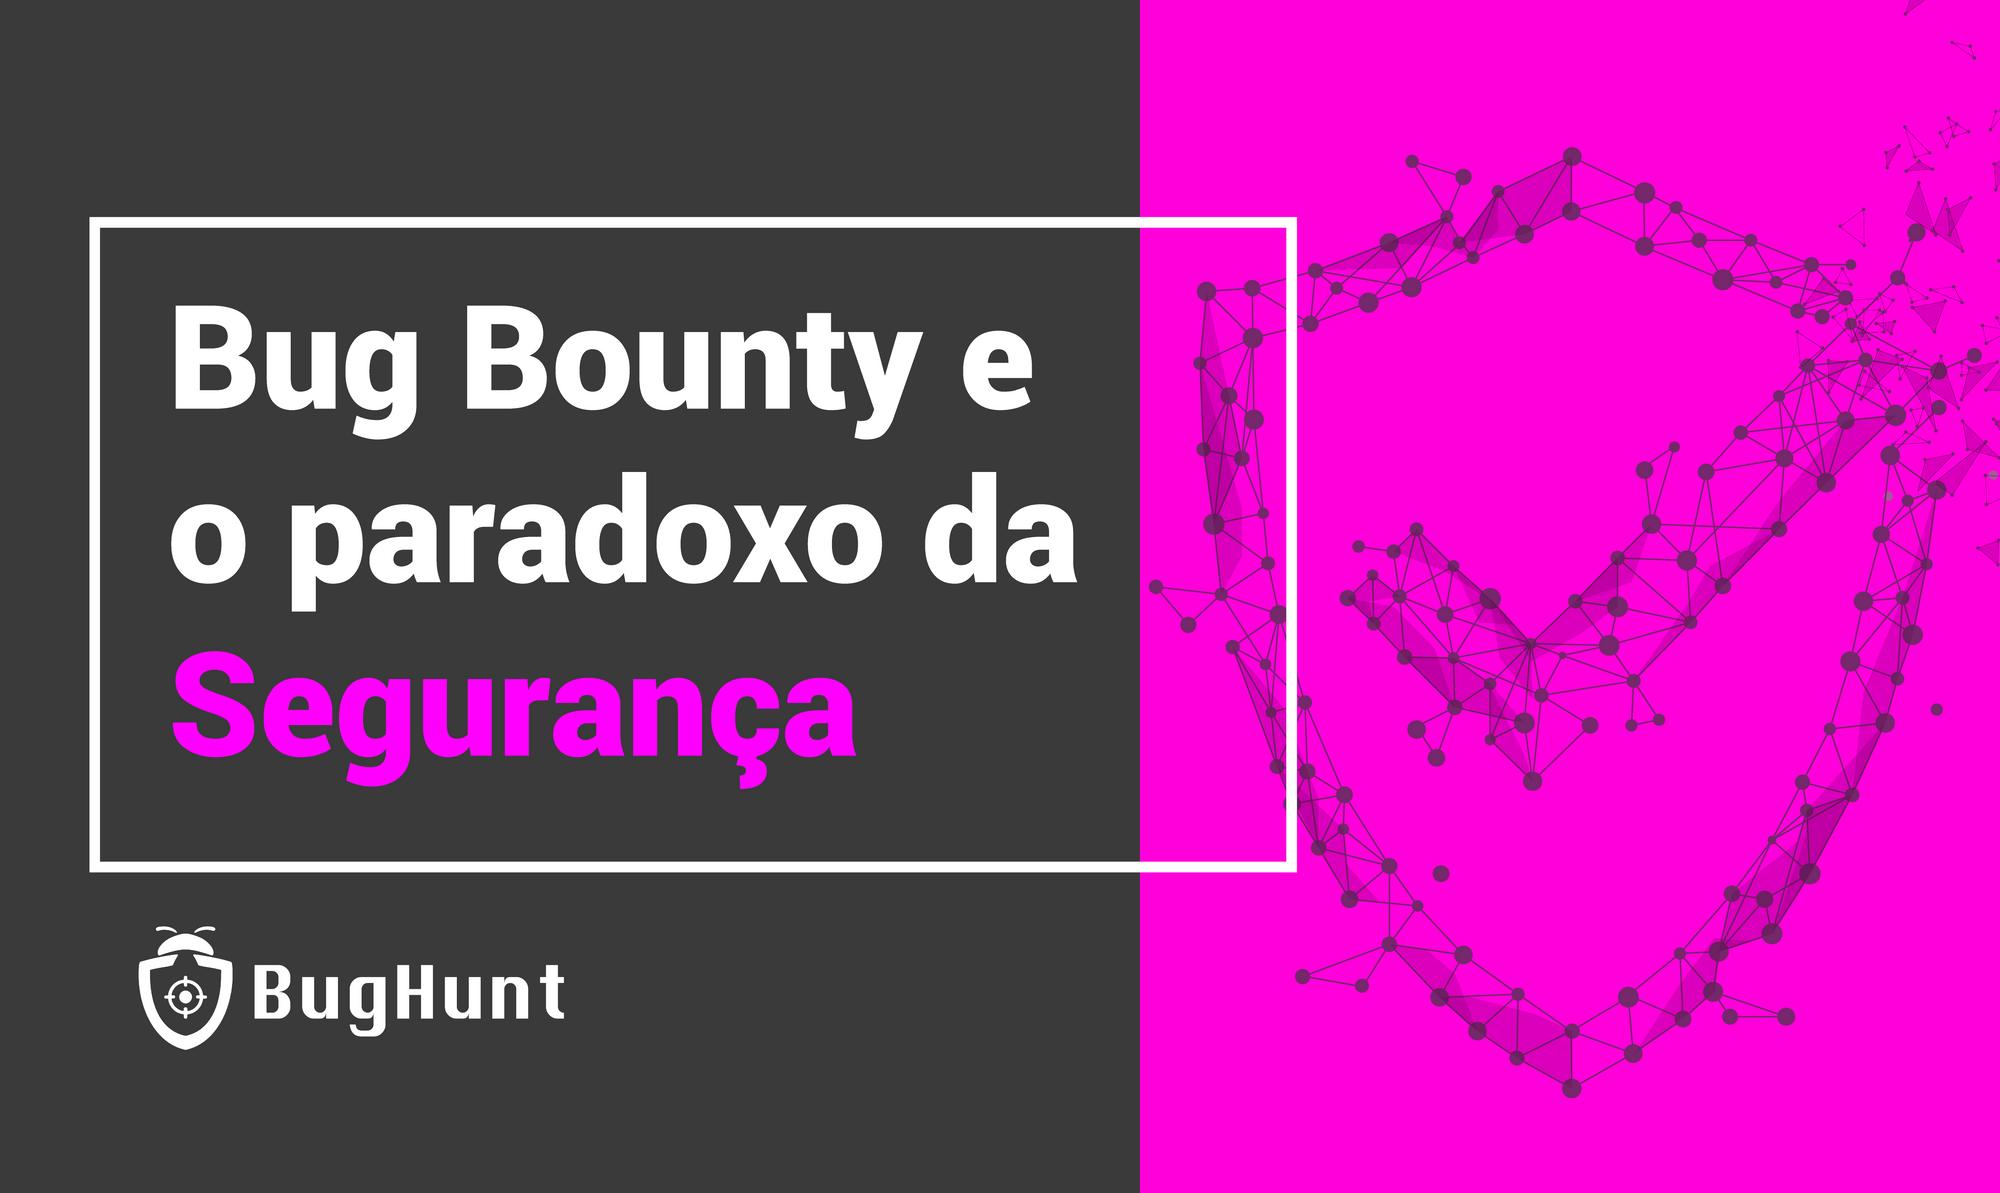 Bug Bounty e o paradoxo da Segurança